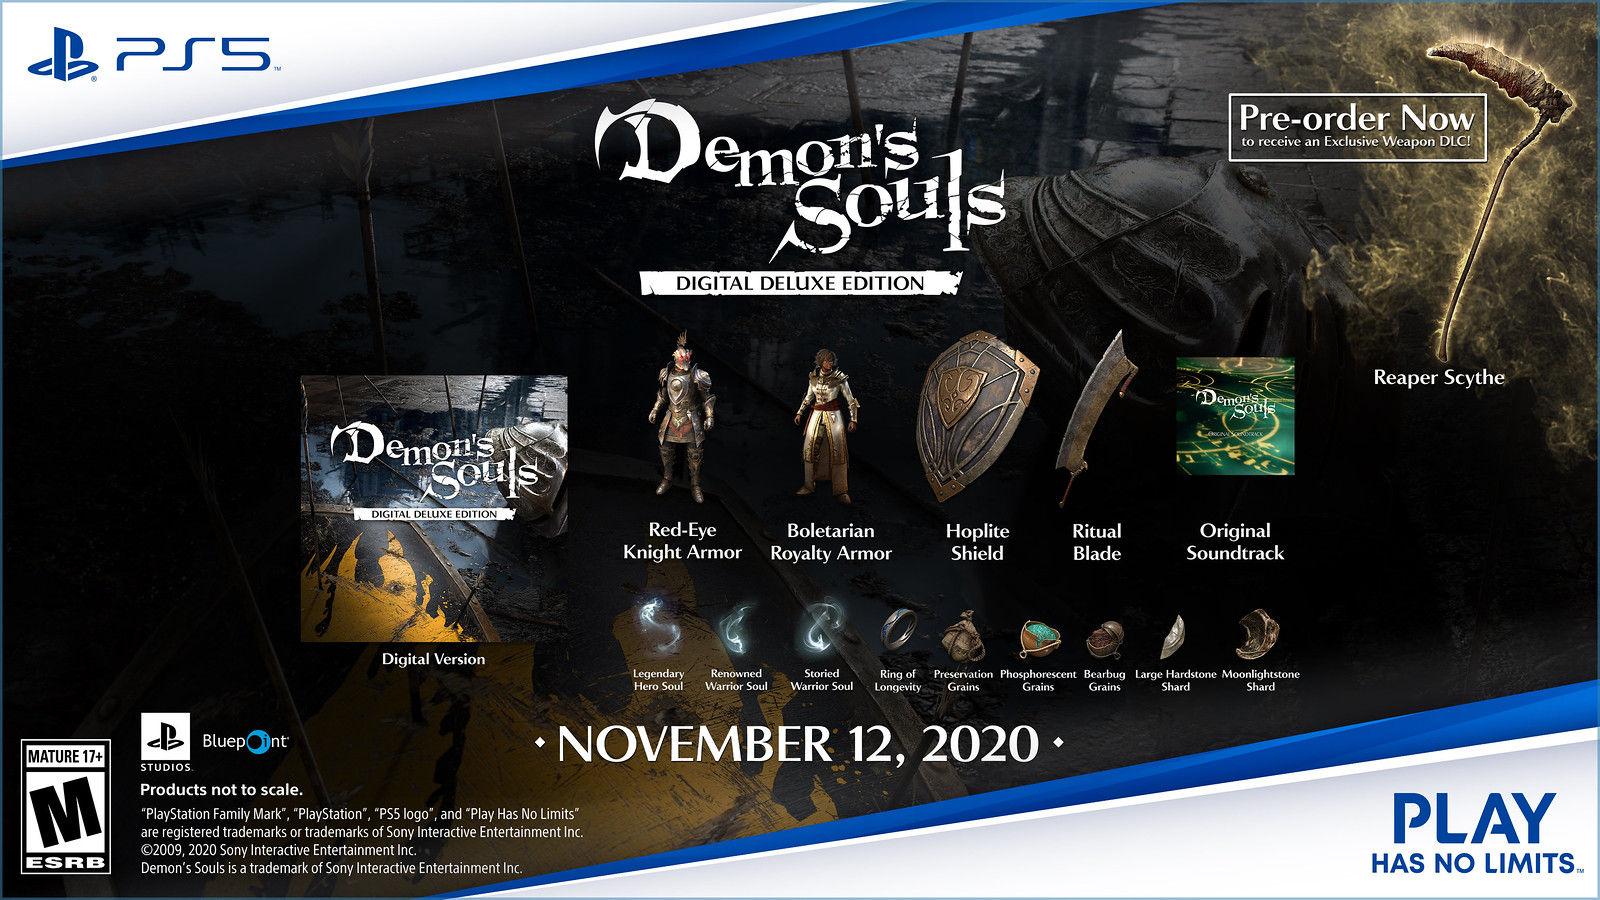 расширенное цифровое издание Demon's Souls для PS5